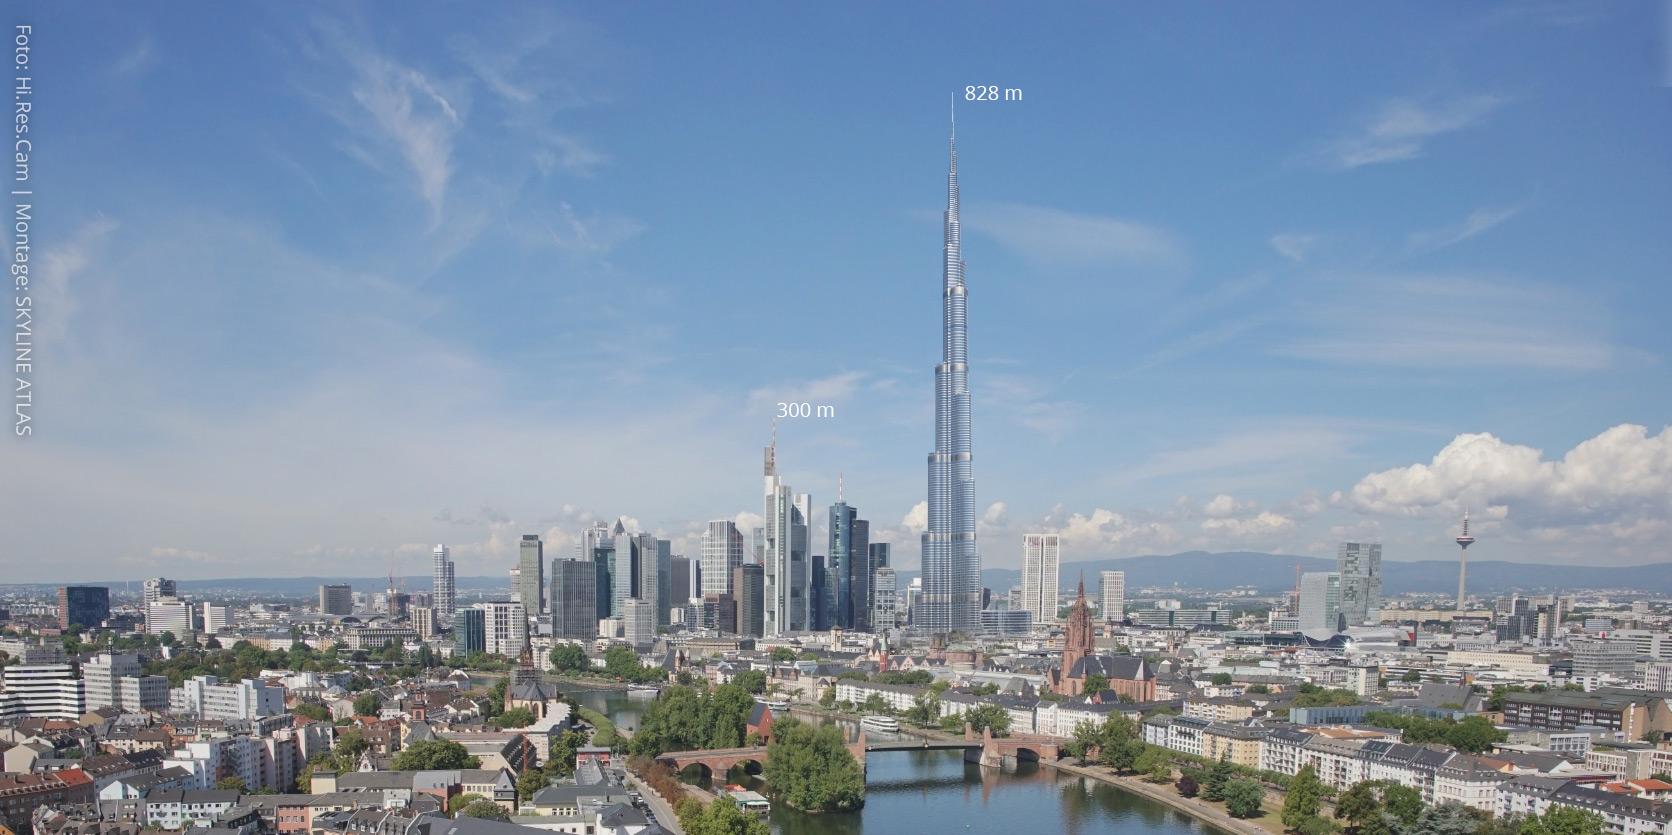 Burj Khalifa in Frankfurt